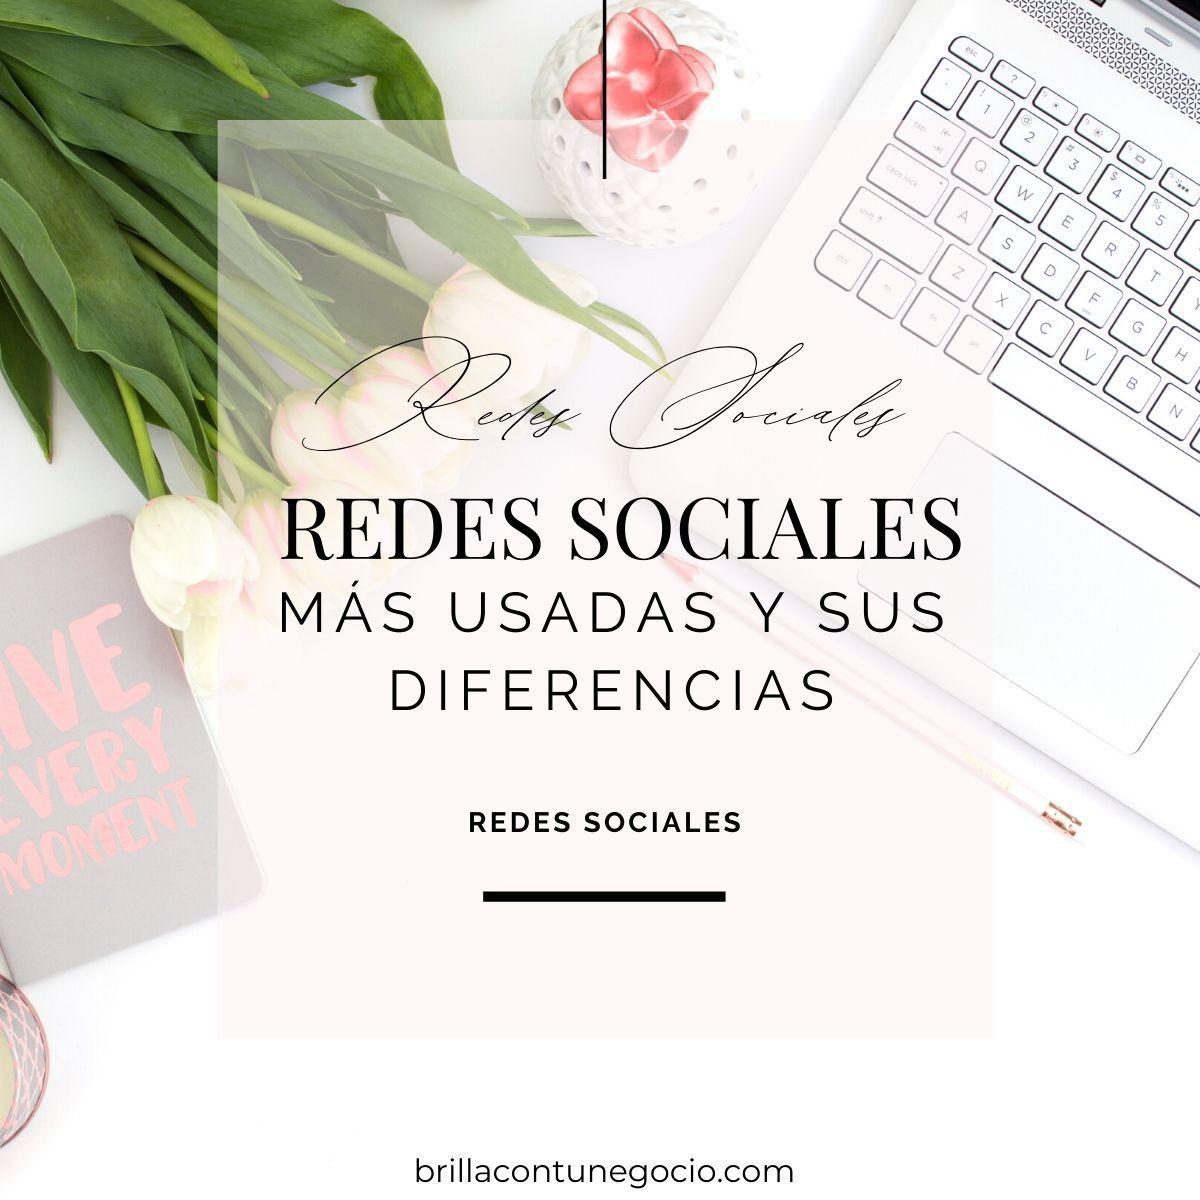 Las redes sociales más utilizadas y sus diferencias